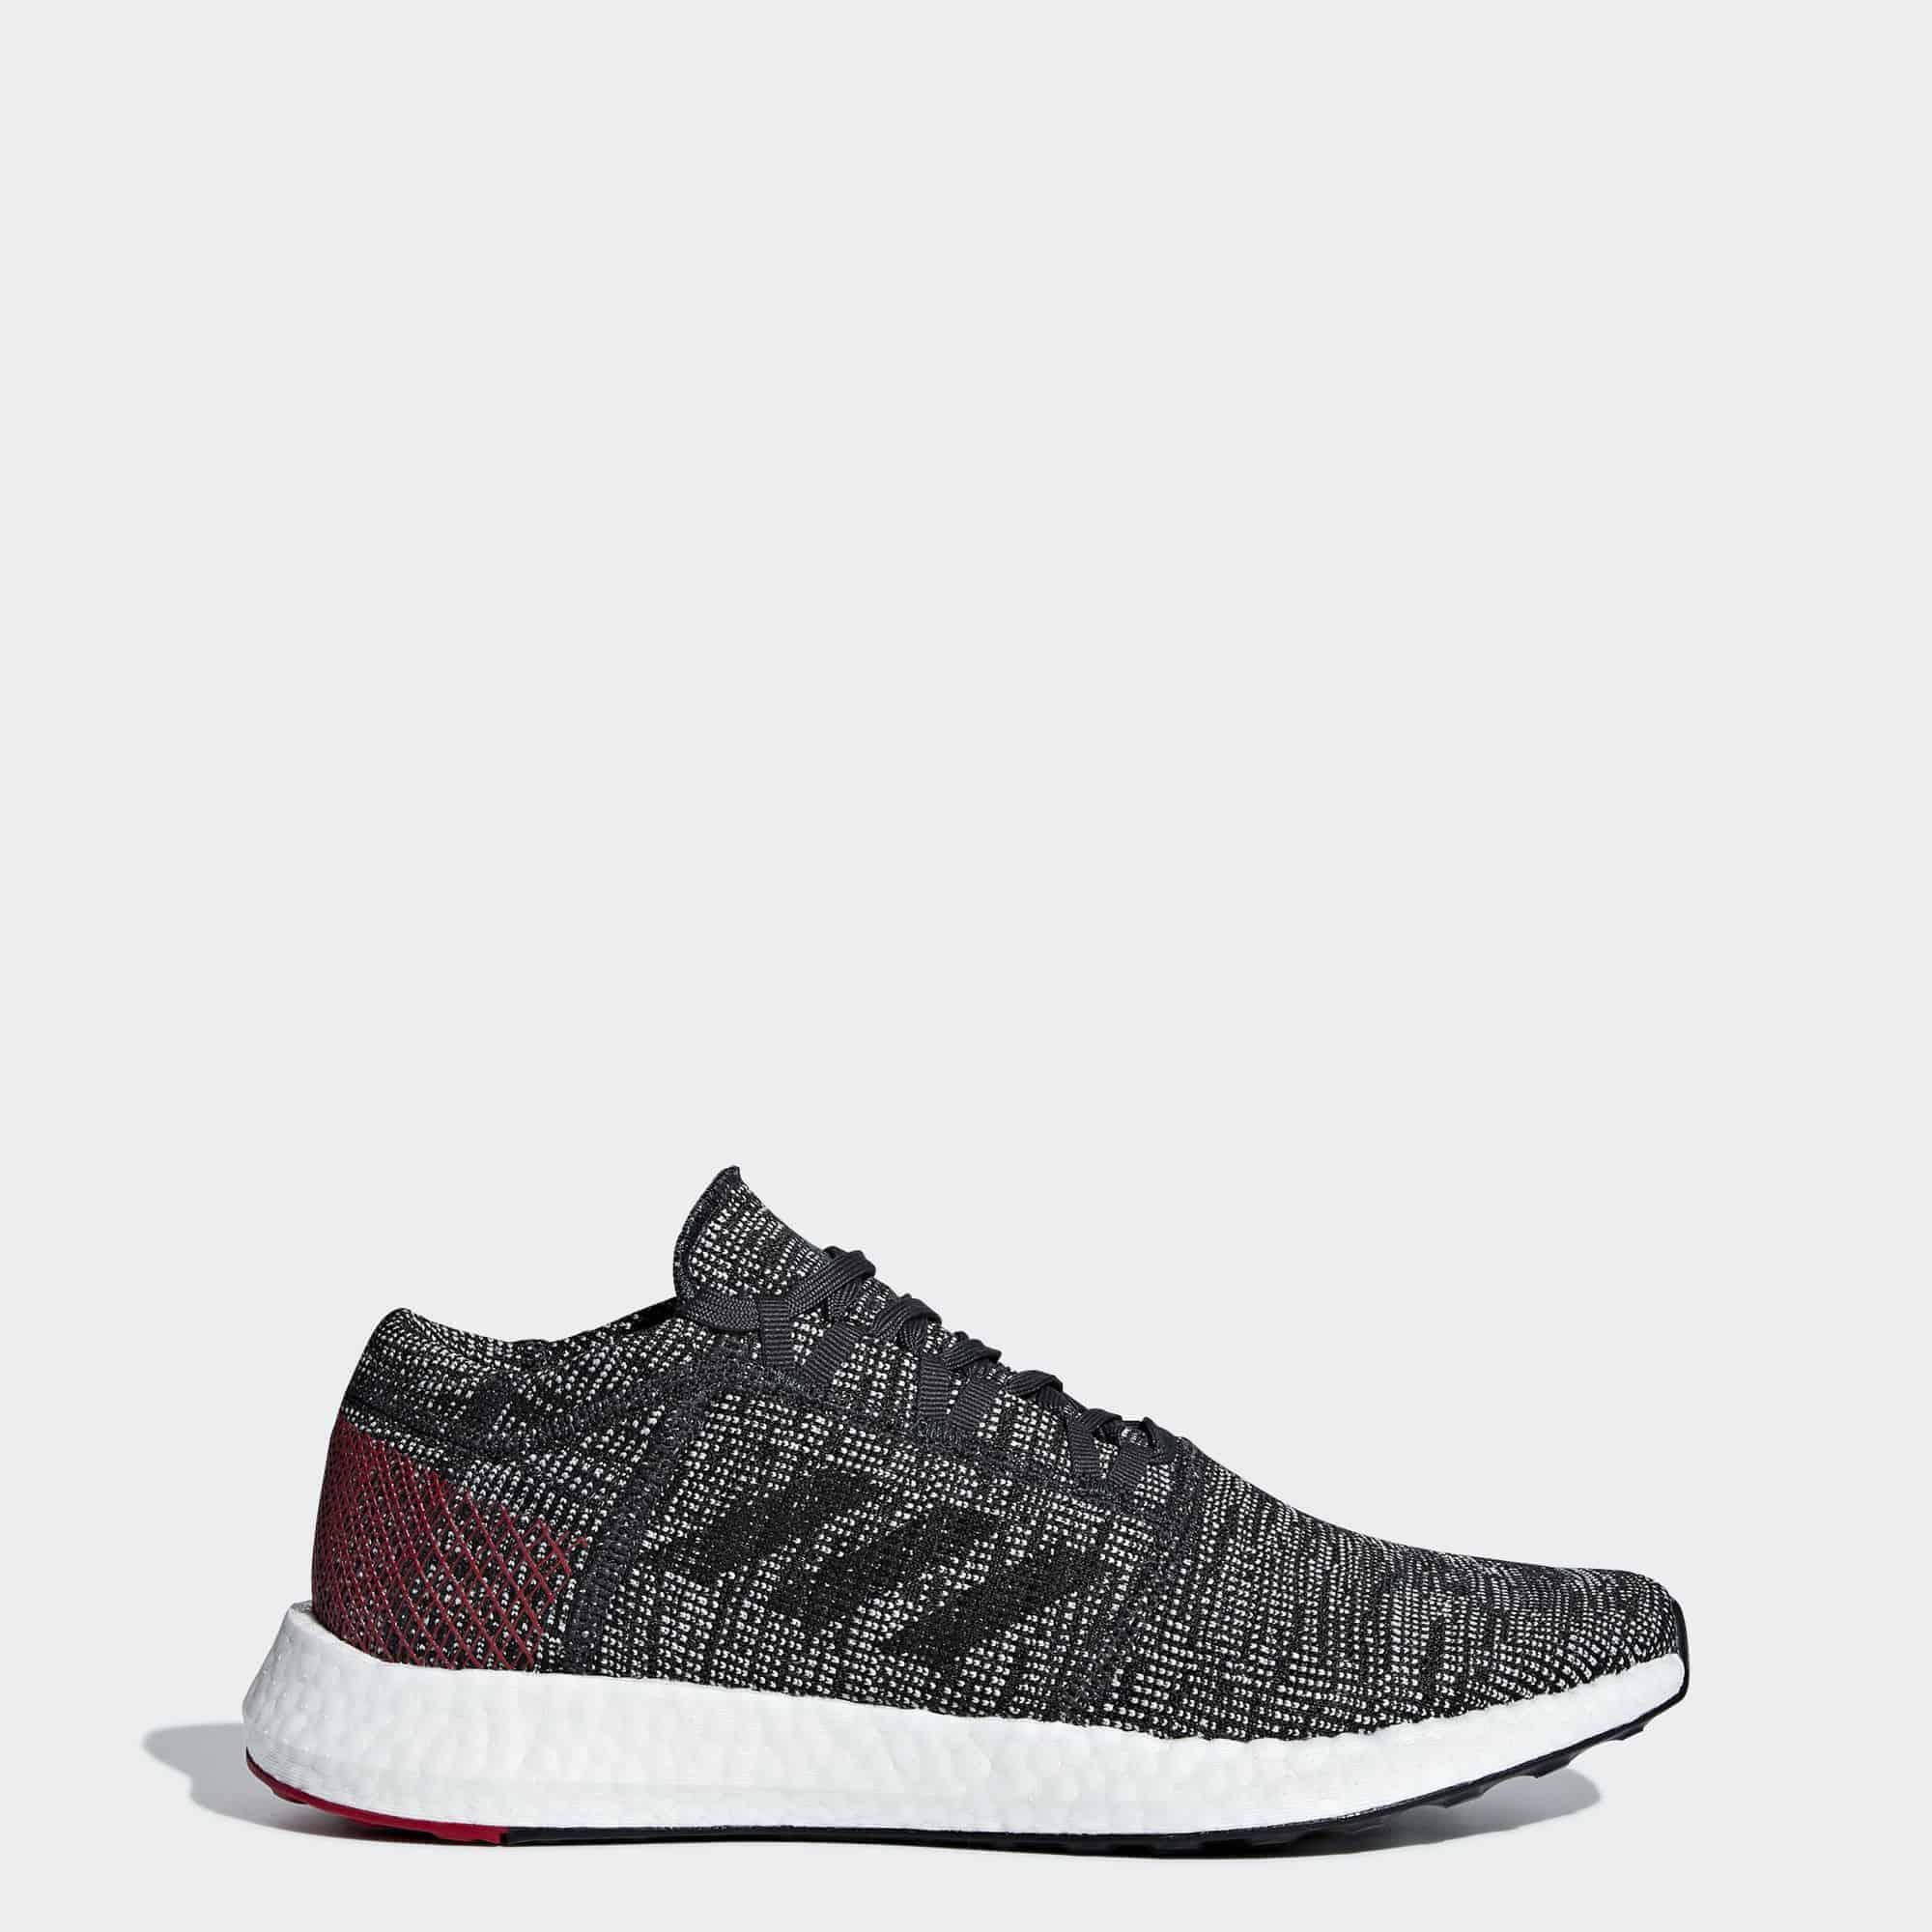 Кроссовки для бега Adidas Pureboost Go мужские